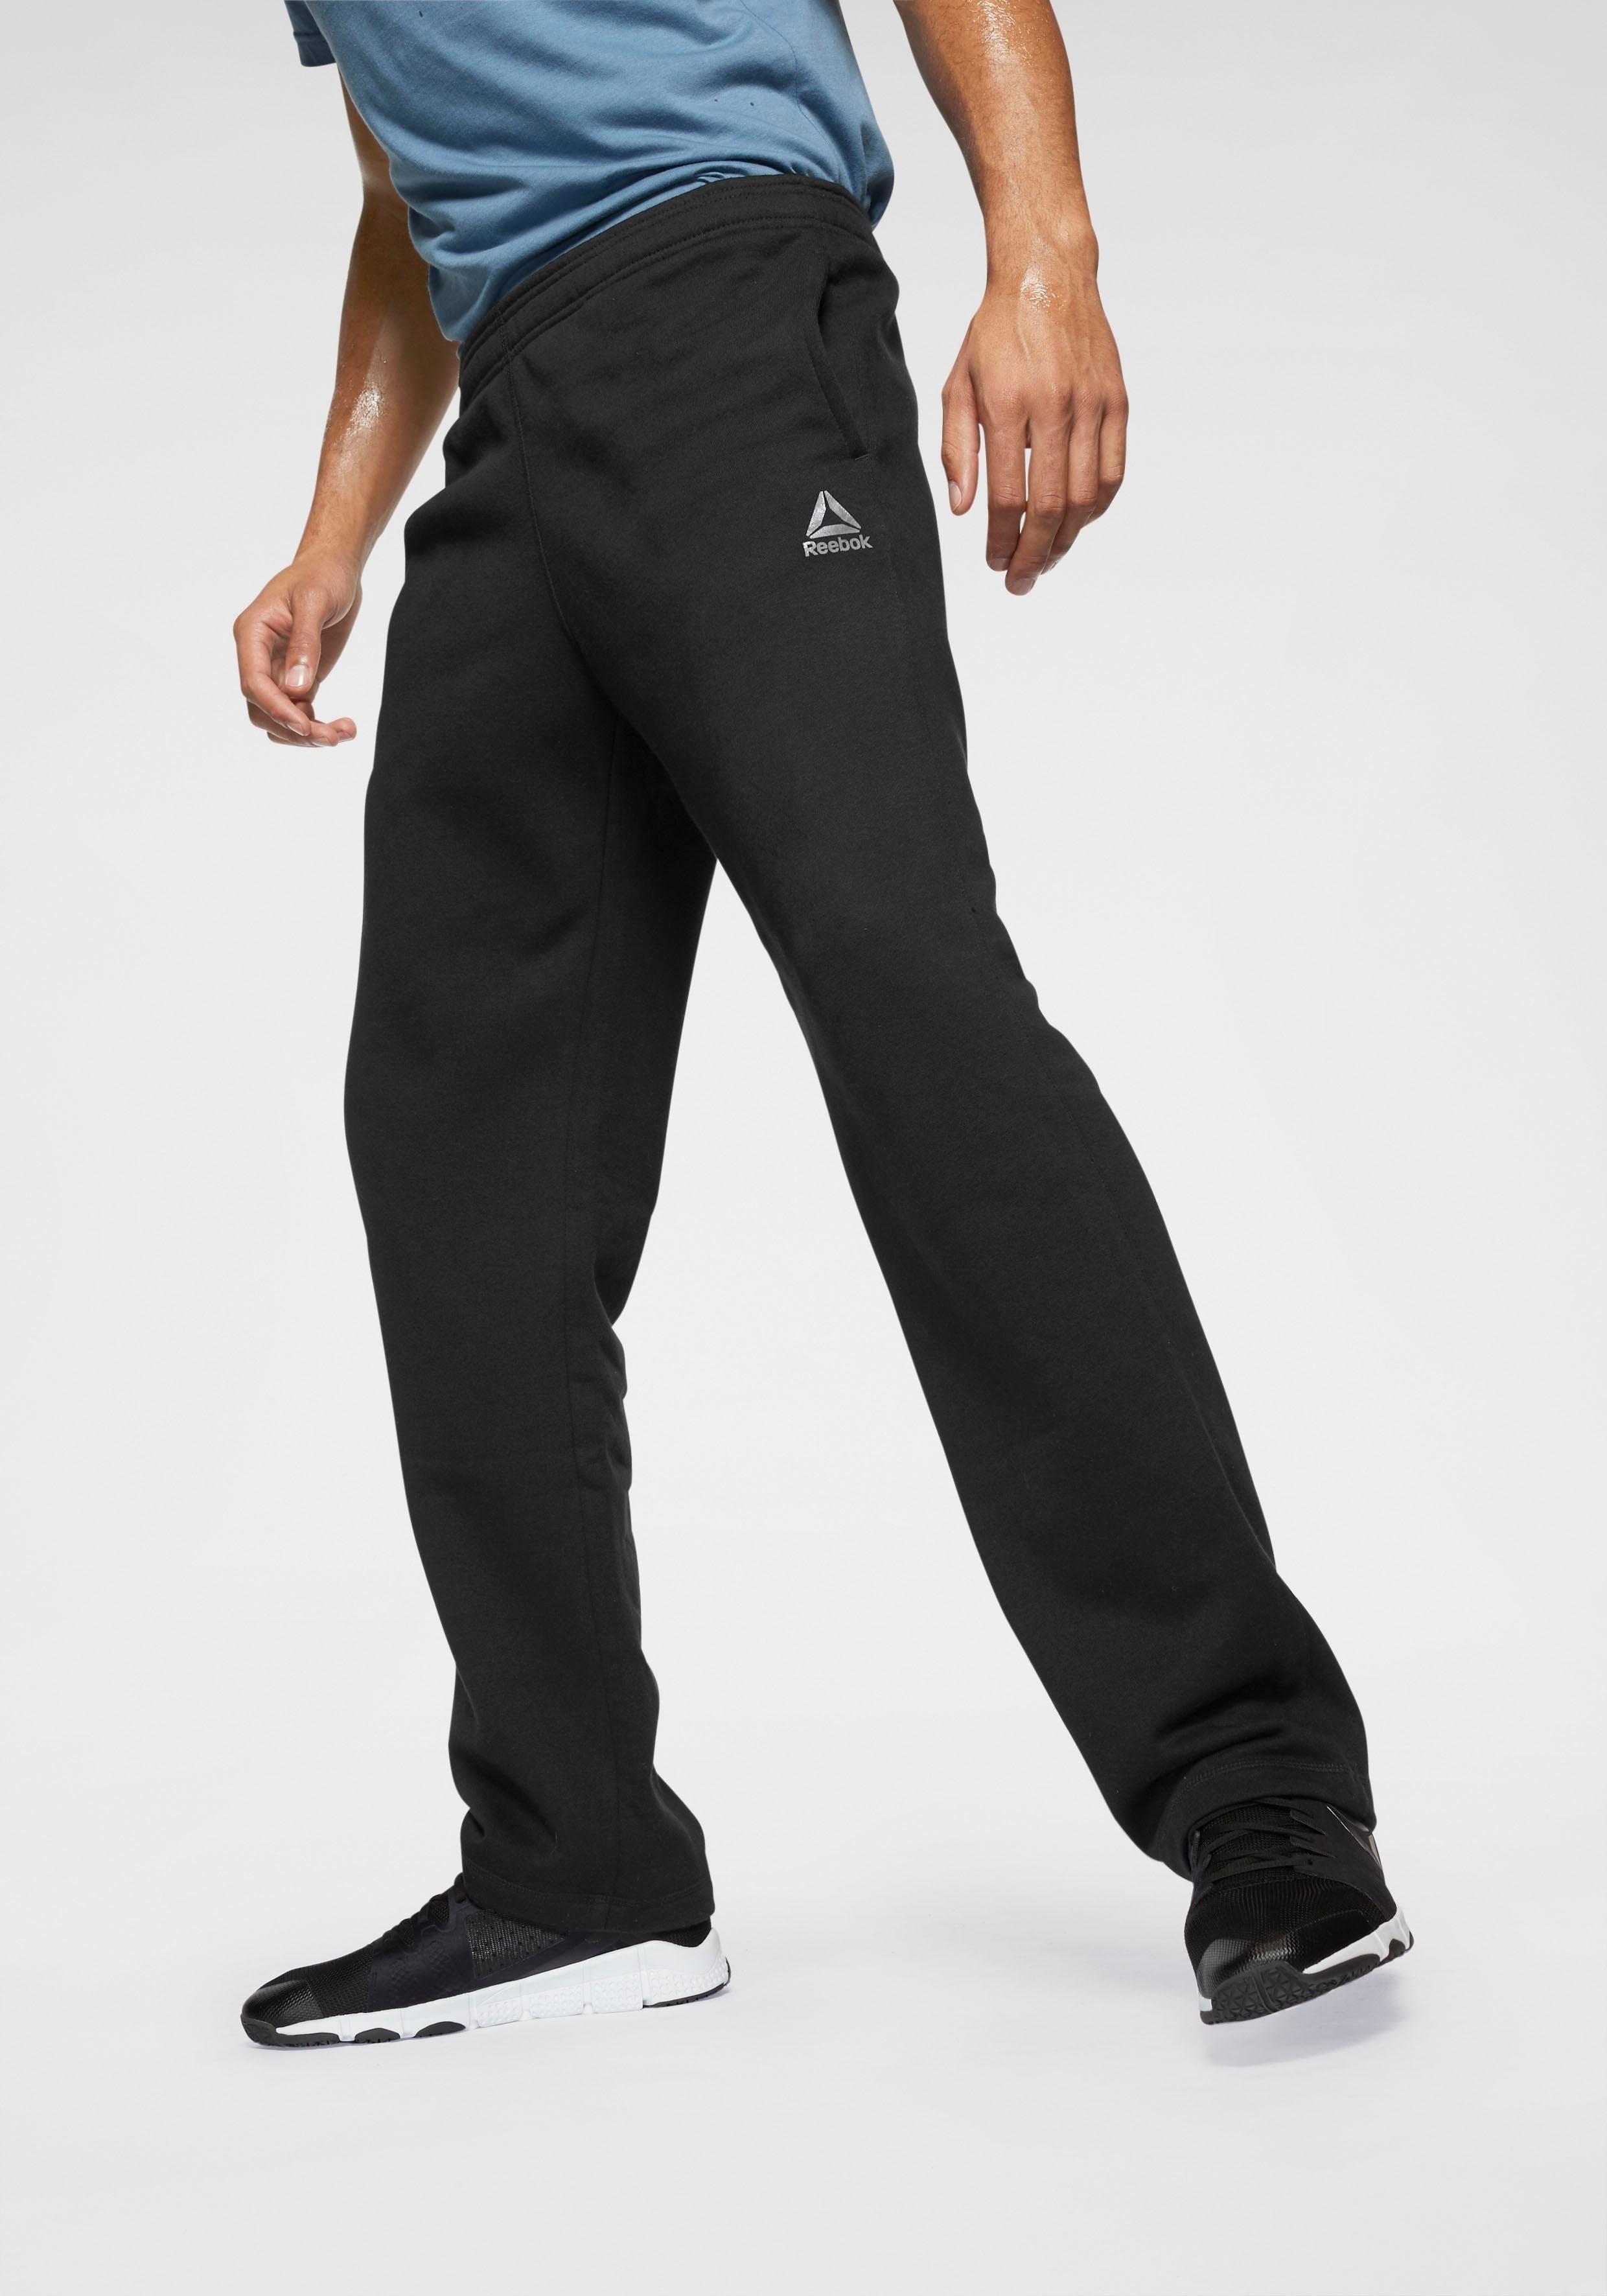 adidas Originals Trainingshose »FRANZ BECKENBAUER TRACKPANTS« online kaufen bei OTTO